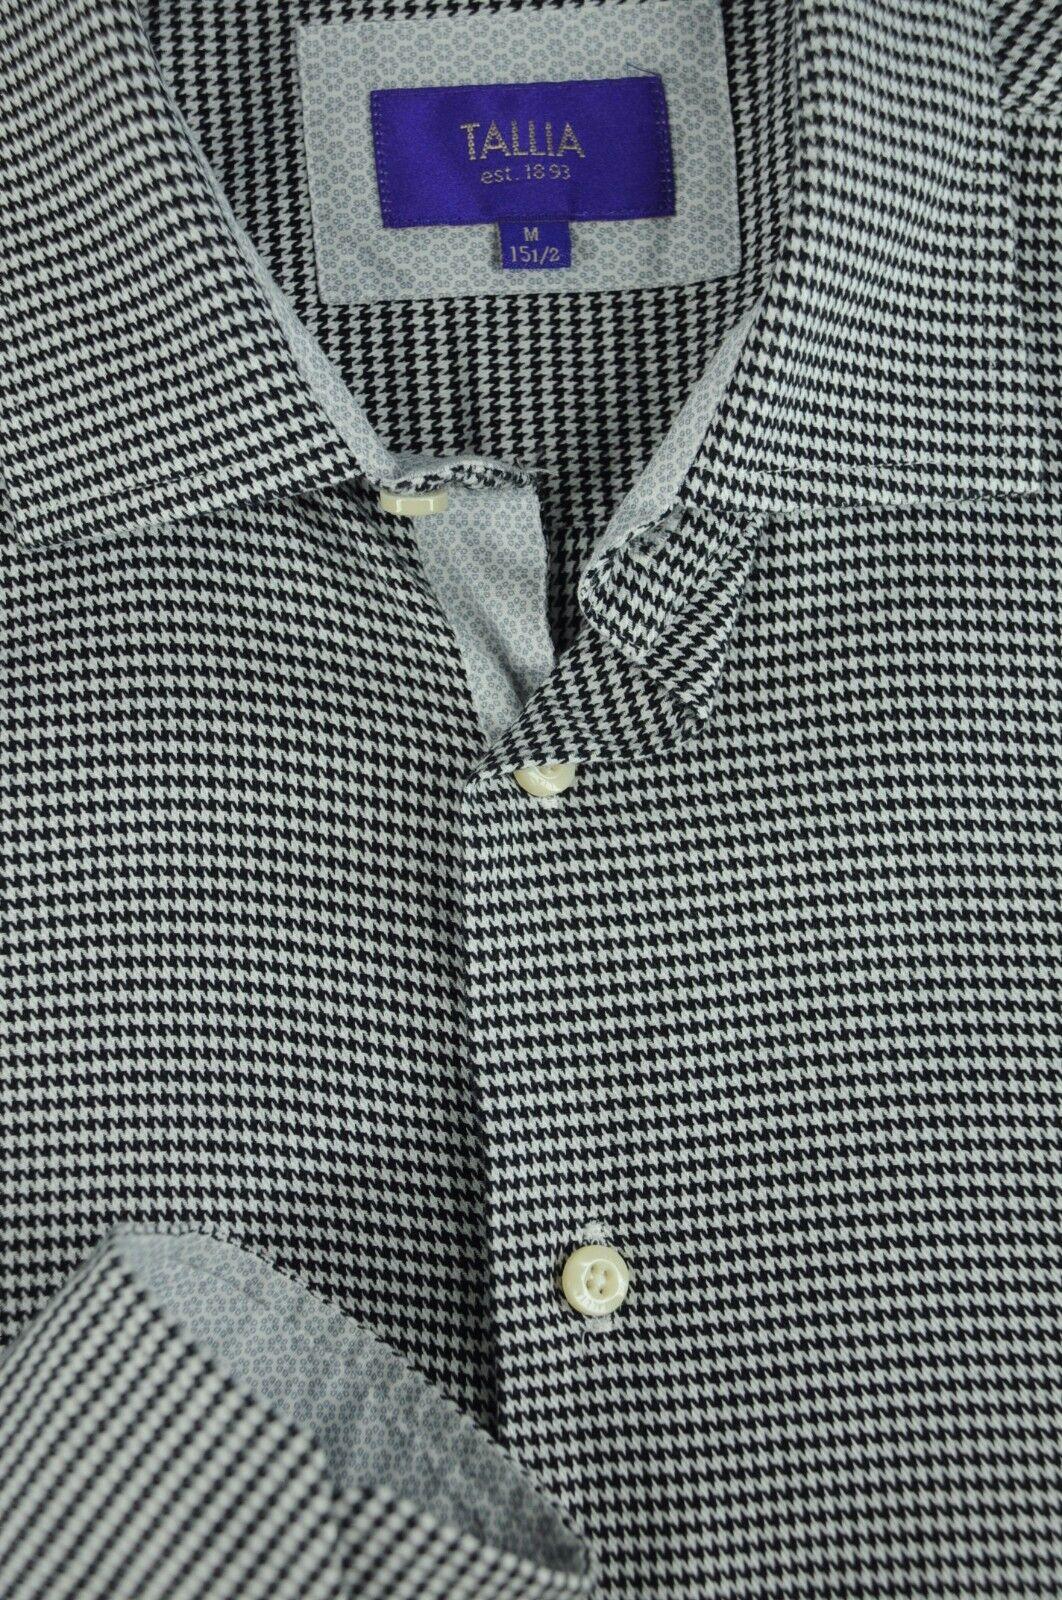 Tallia Men's Salt & Pepper Houndstooth Cotton Casual Shirt M Medium